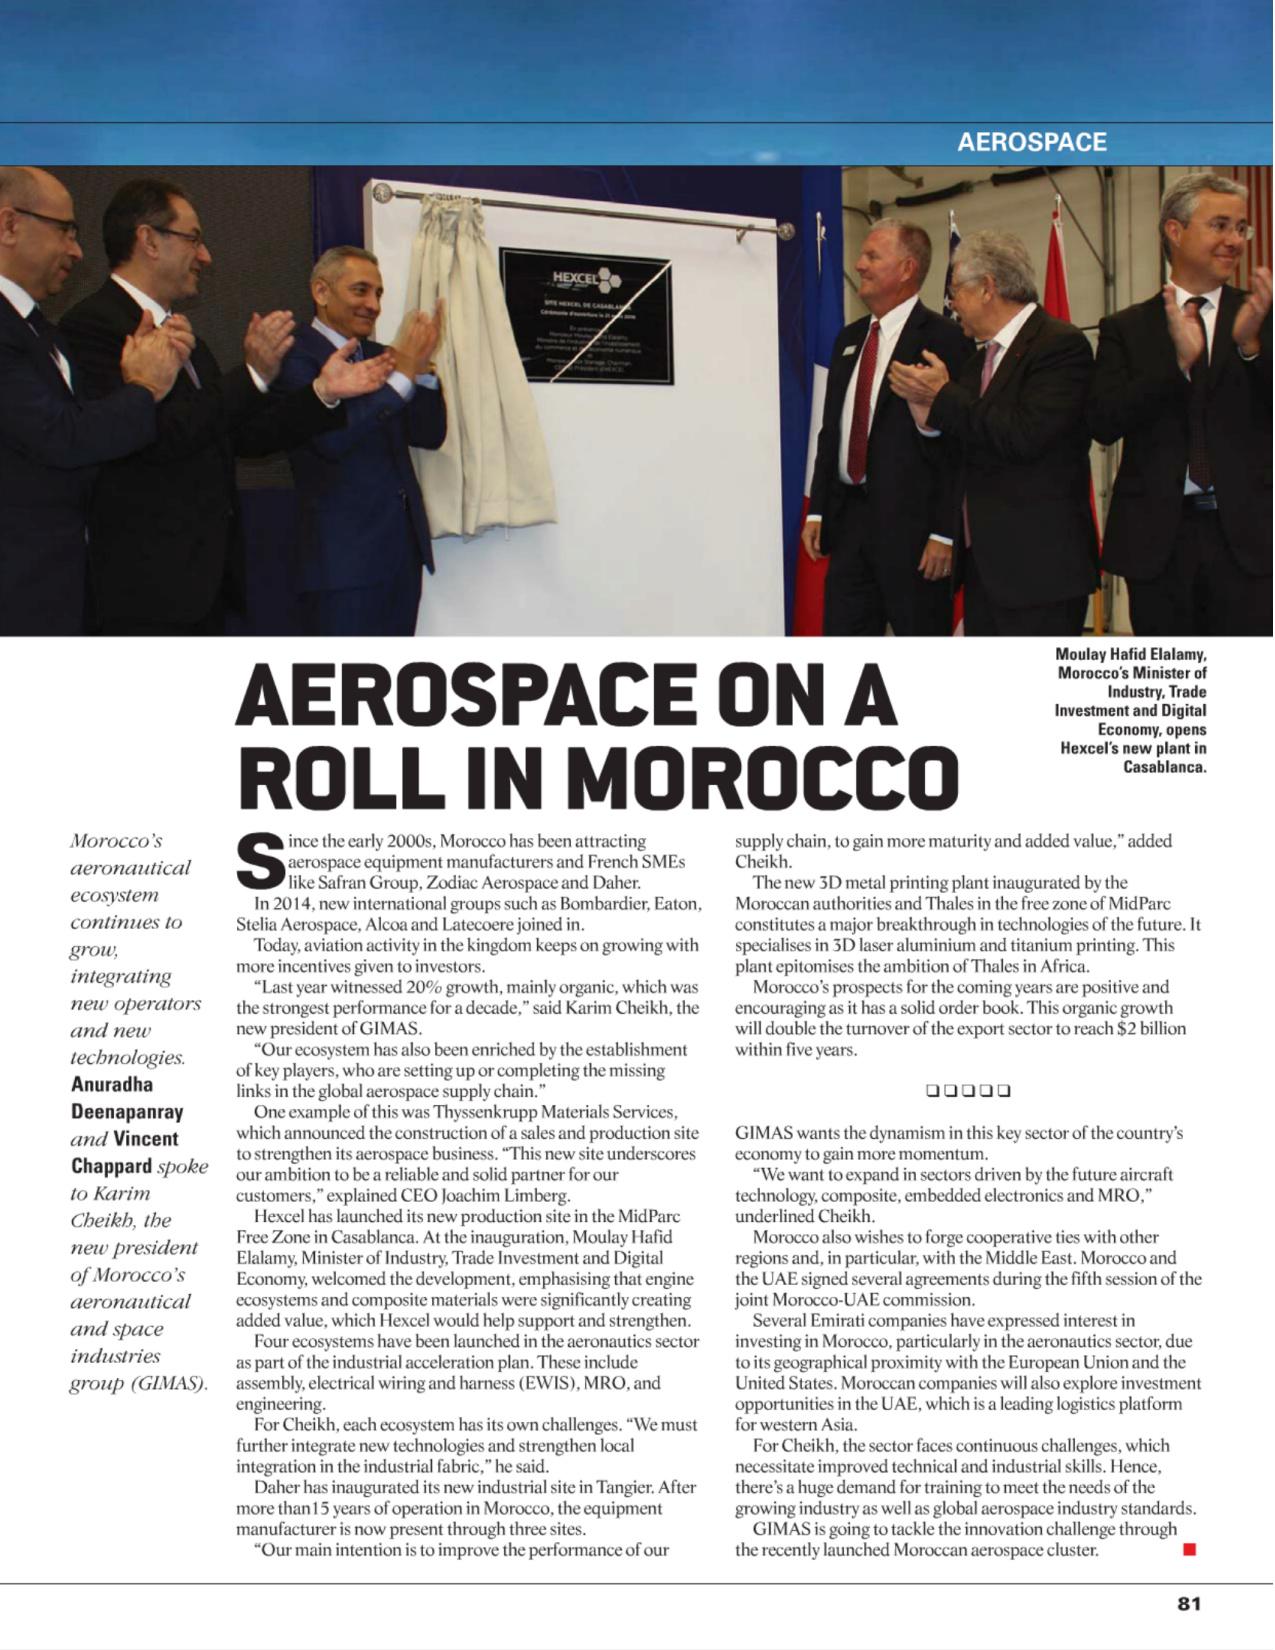 Marrakech Air Show 2018 - Aeroexpo 2018 Flash_14